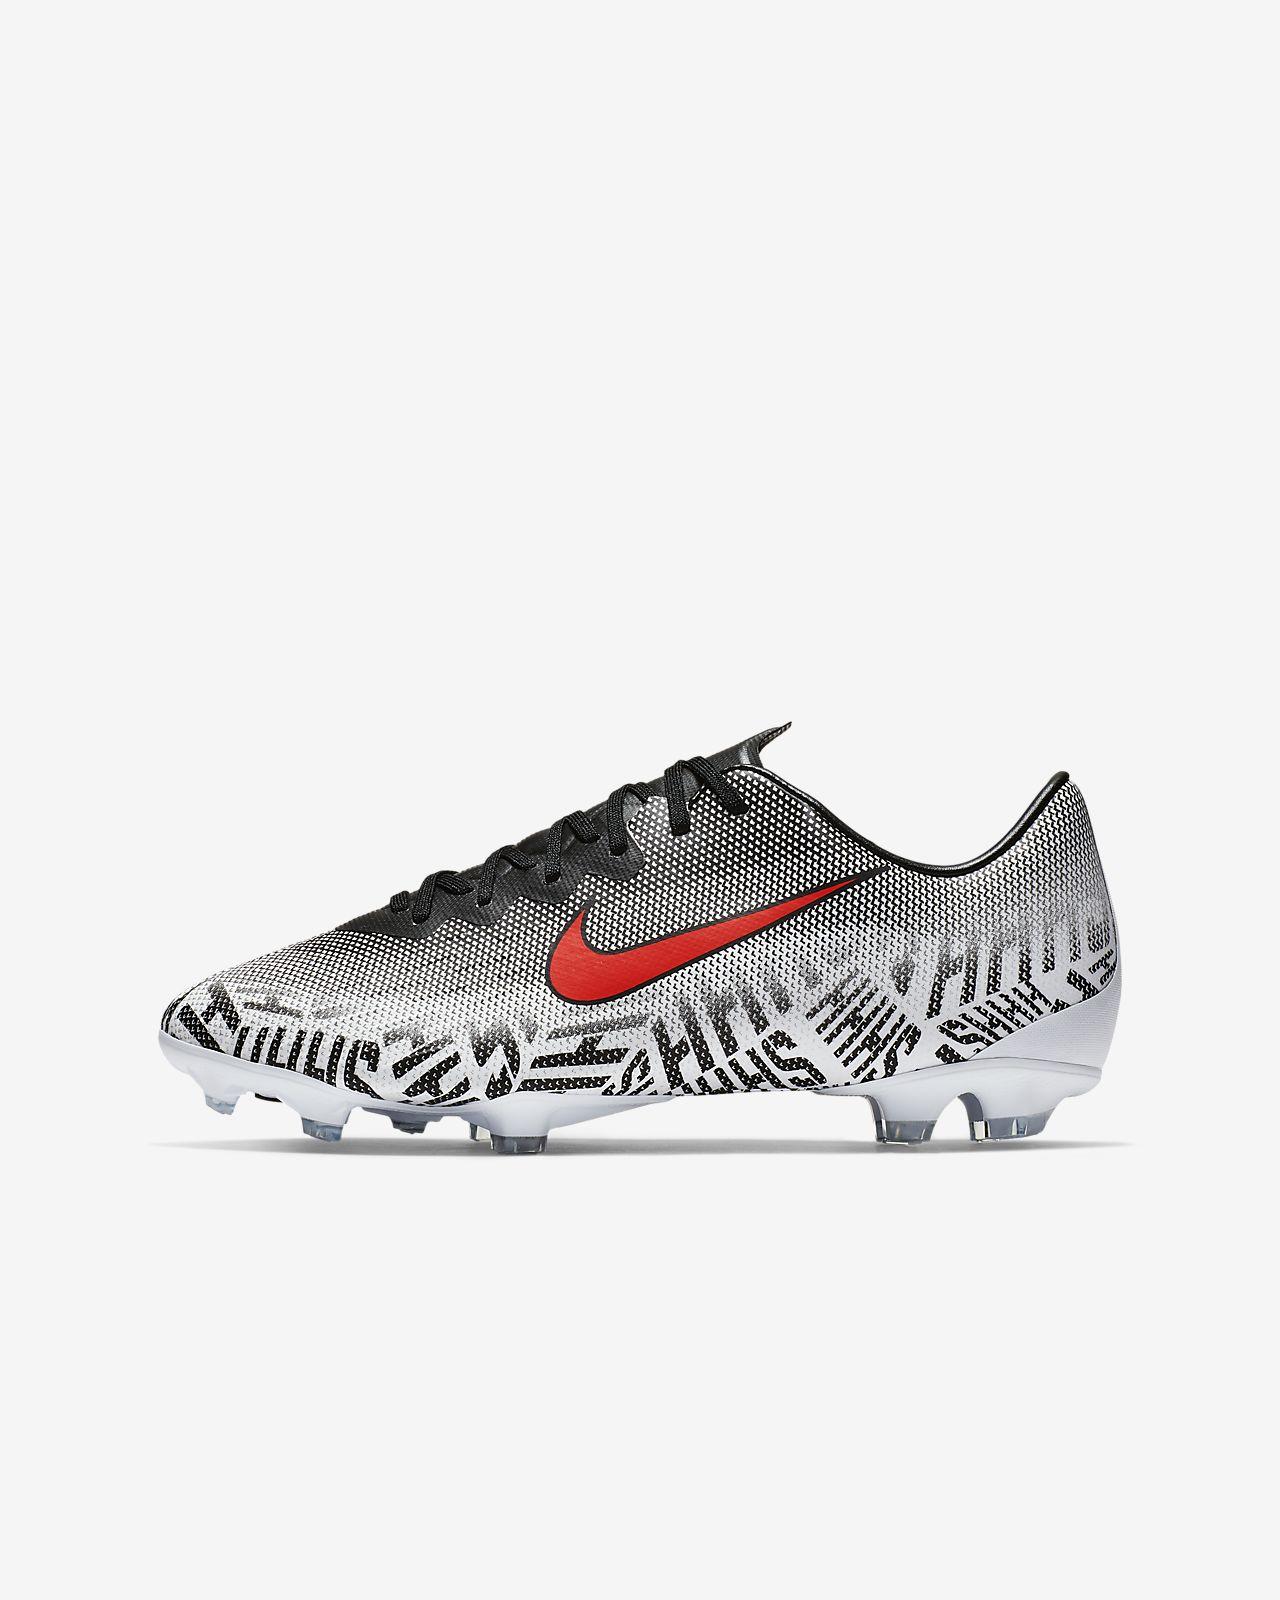 wholesale dealer 737e0 422c0 ... Nike Jr. Mercurial Vapor 12 Elite Neymar Jr. FG fotballsko til gress  til store